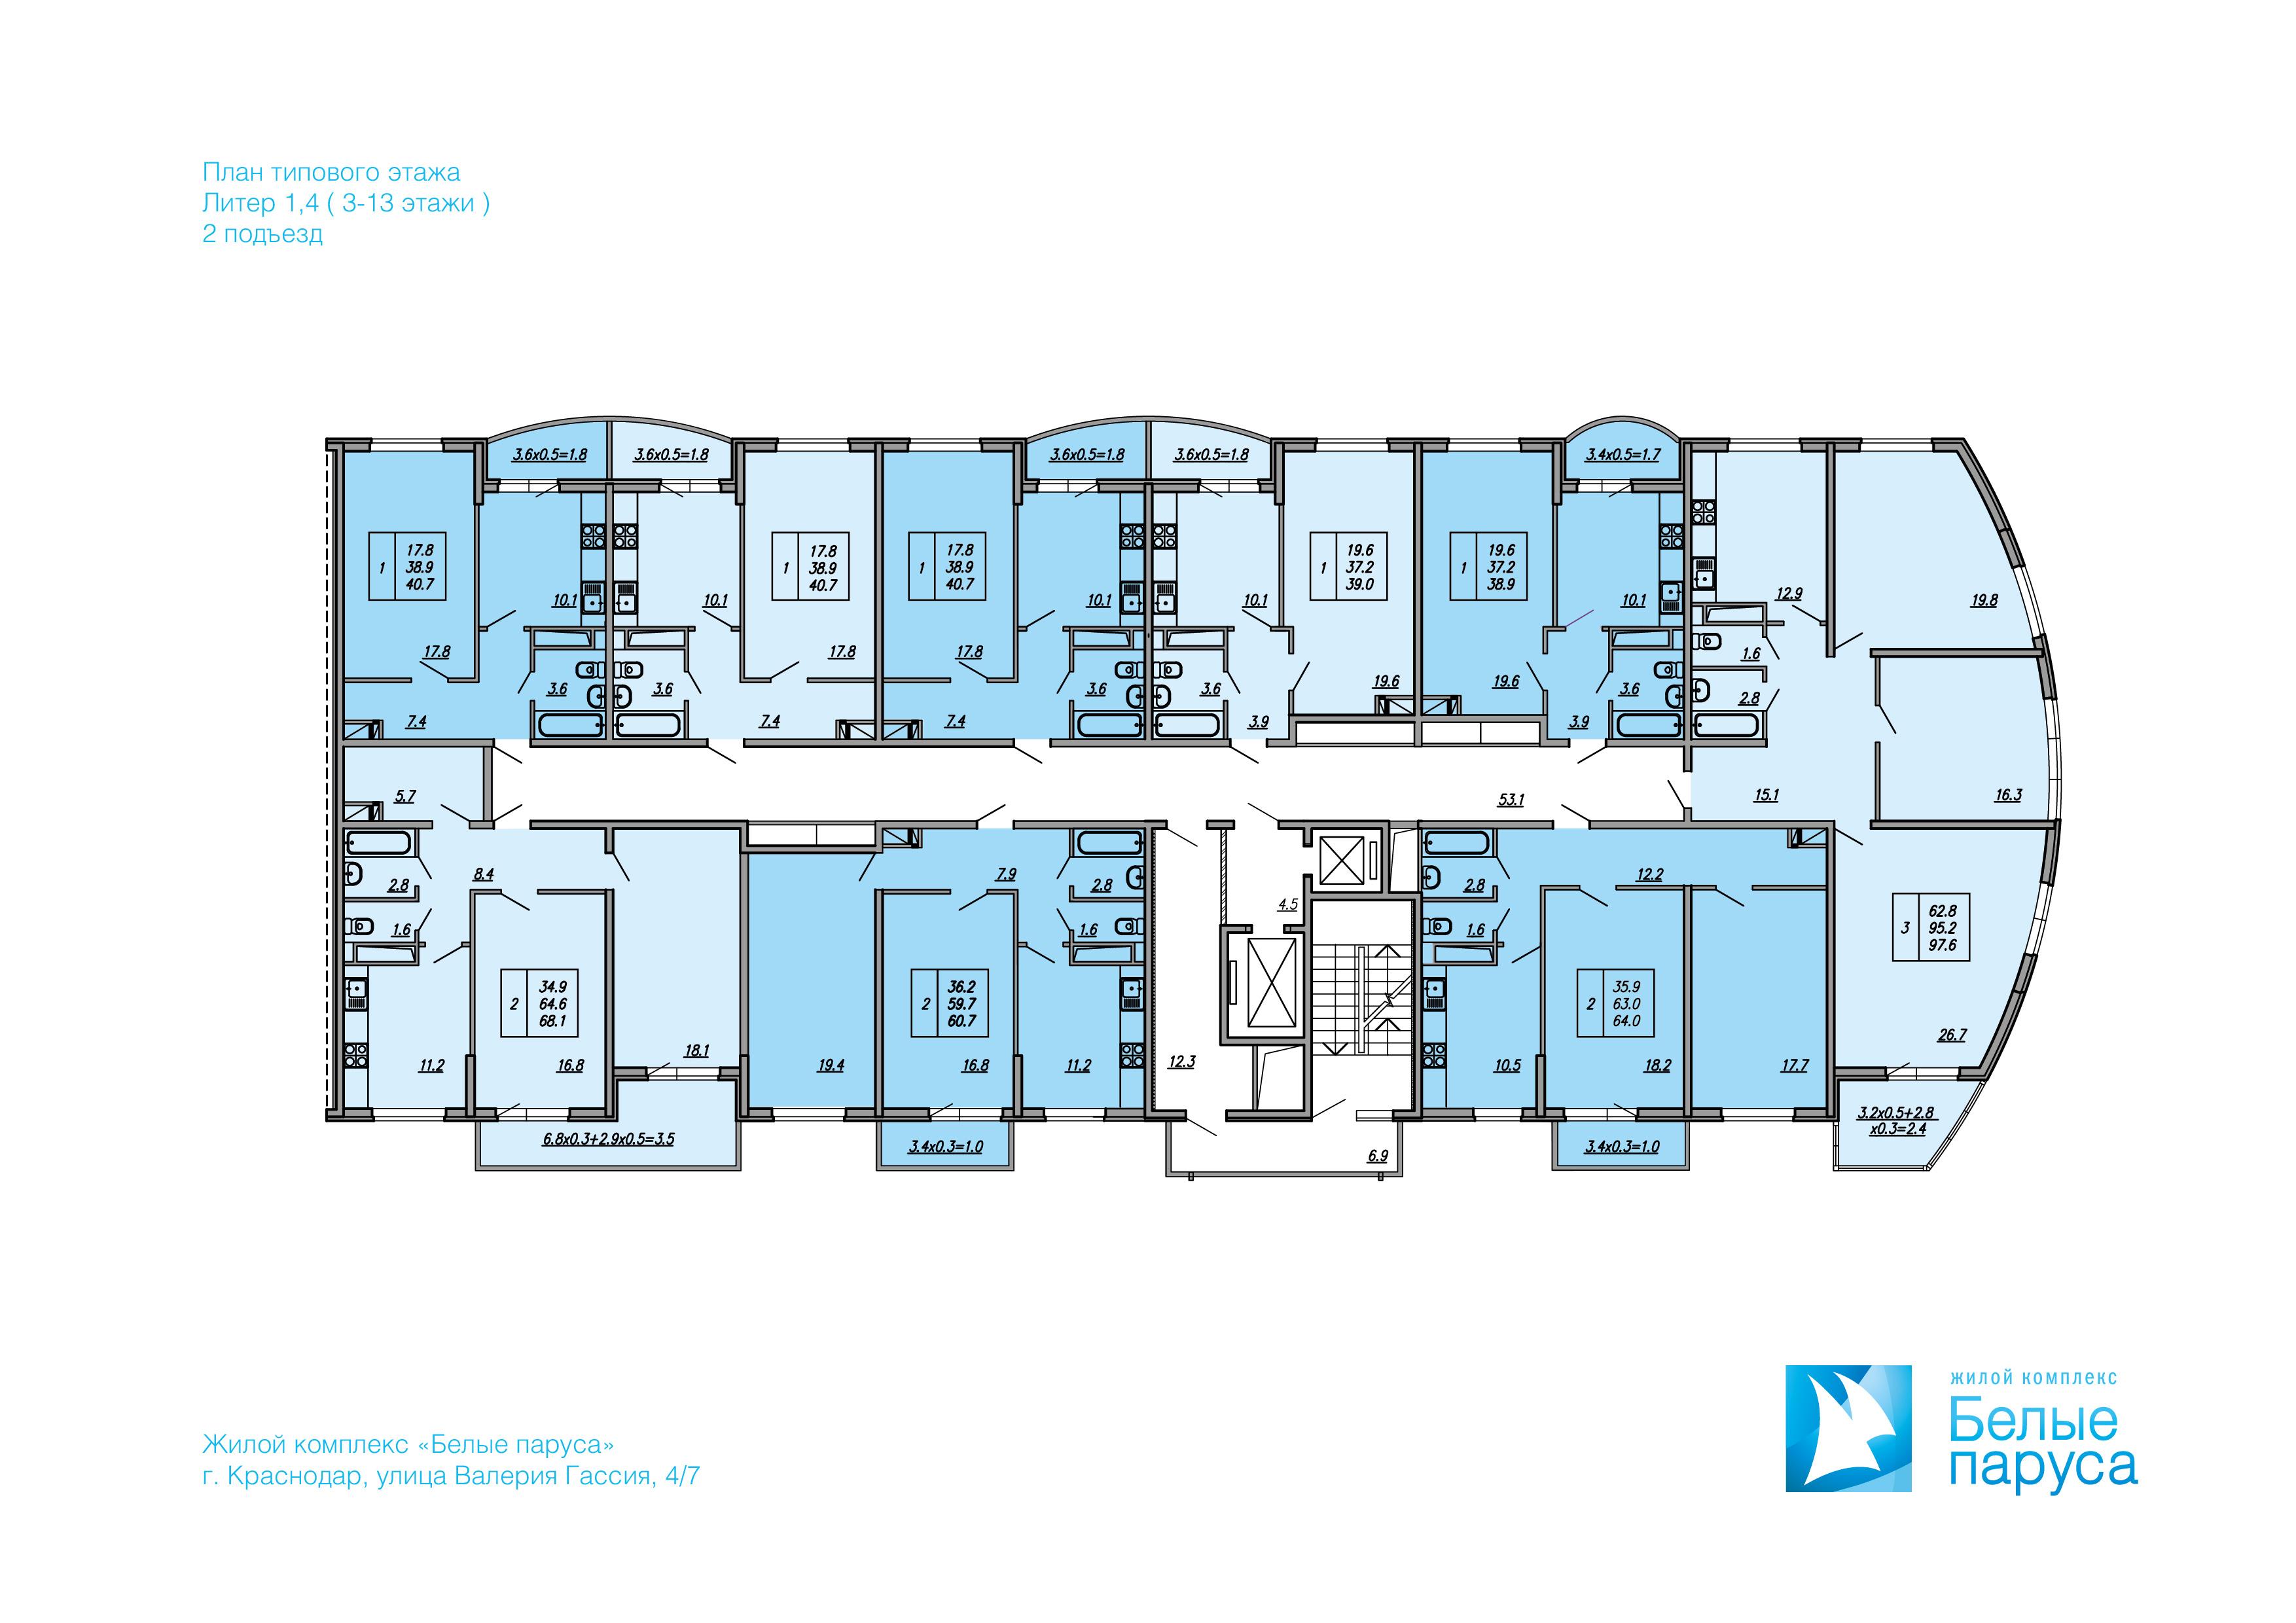 подъезд 2, этаж 3-13